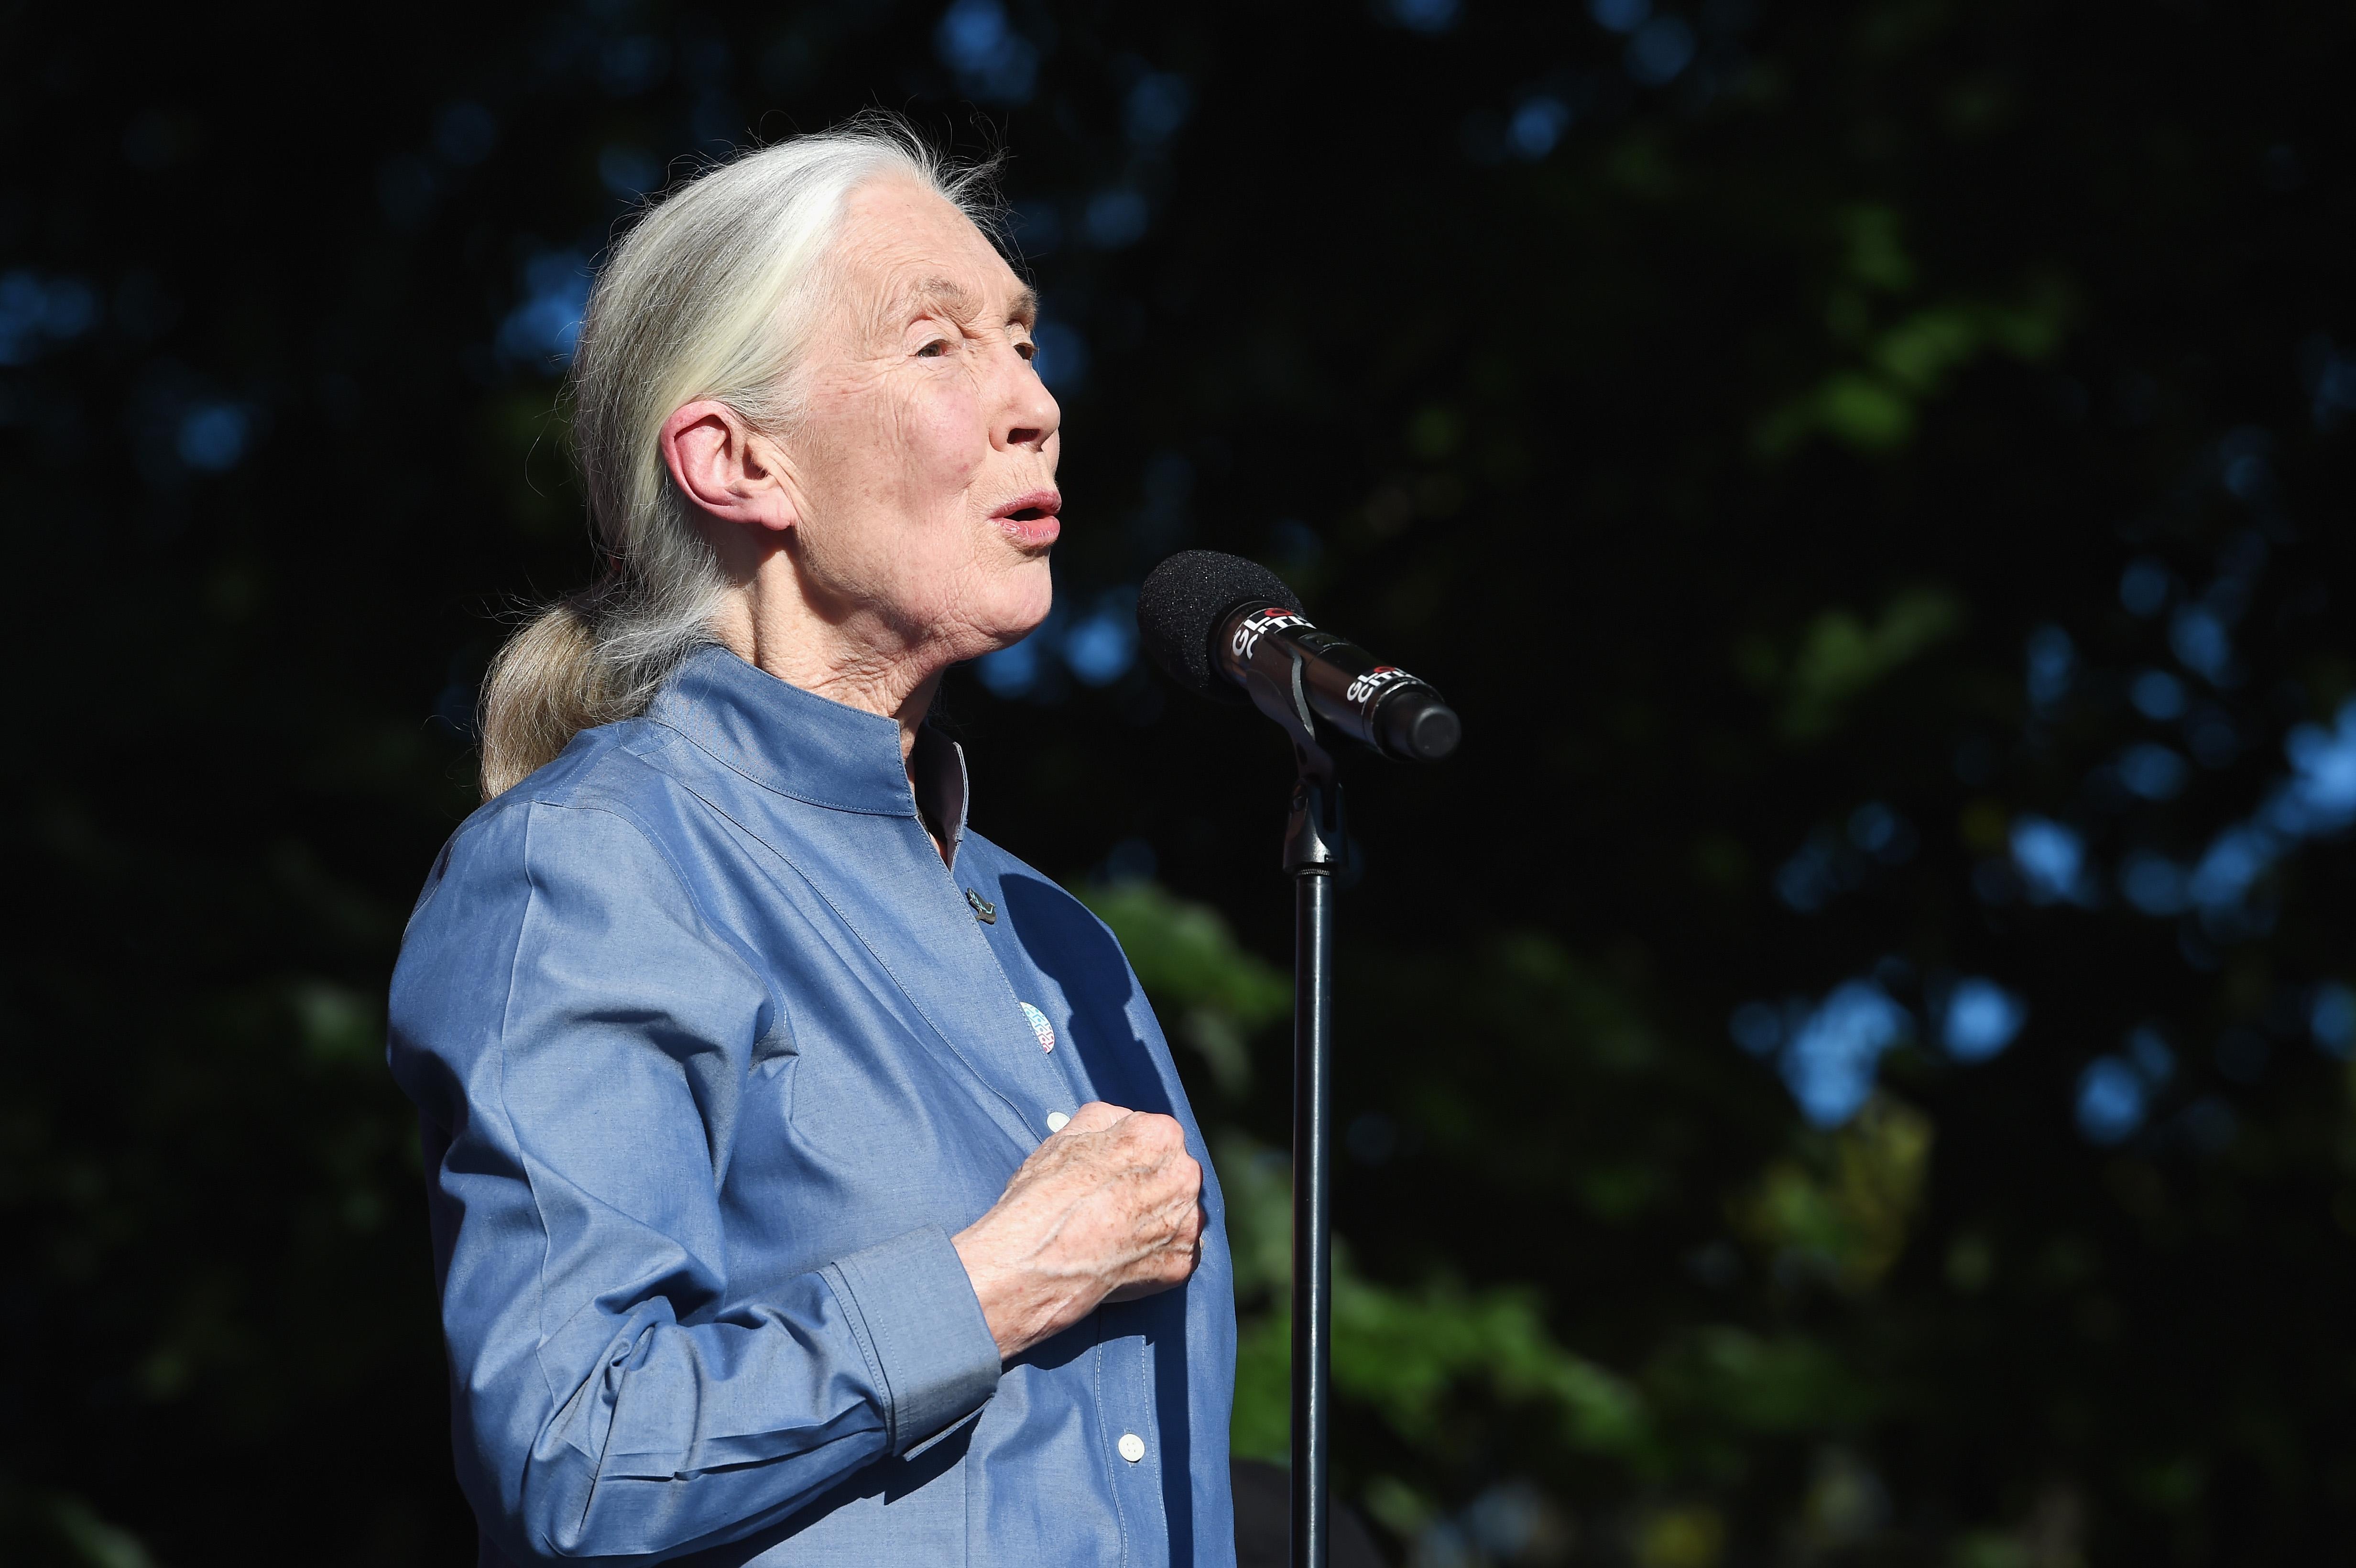 Jane Goodall speaks onstage during Global Citizen Festival 2017 on Sept. 23 in New York City.